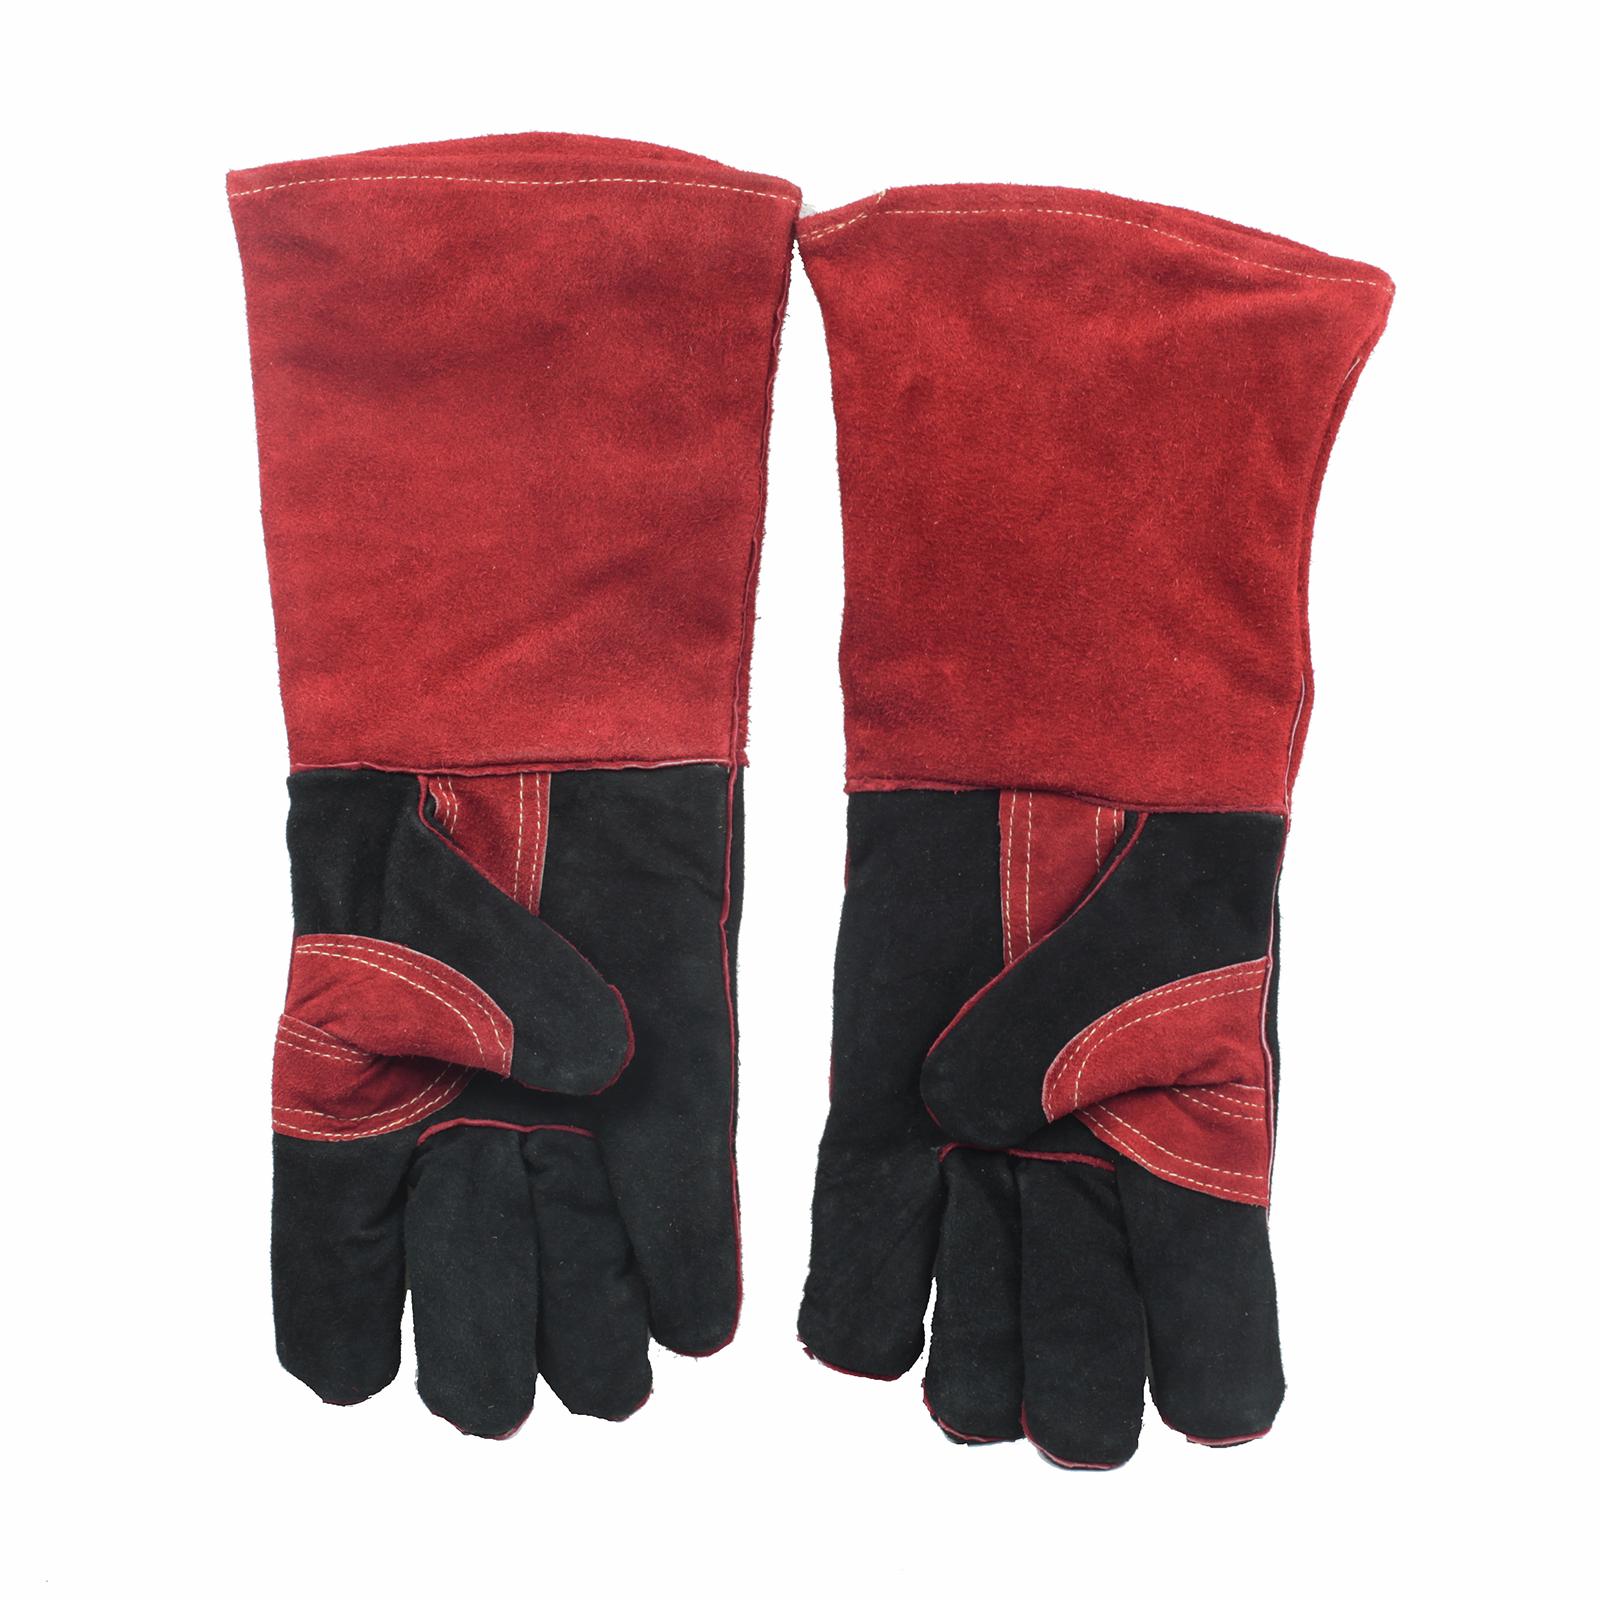 Full Boar 40cm Welding Glove